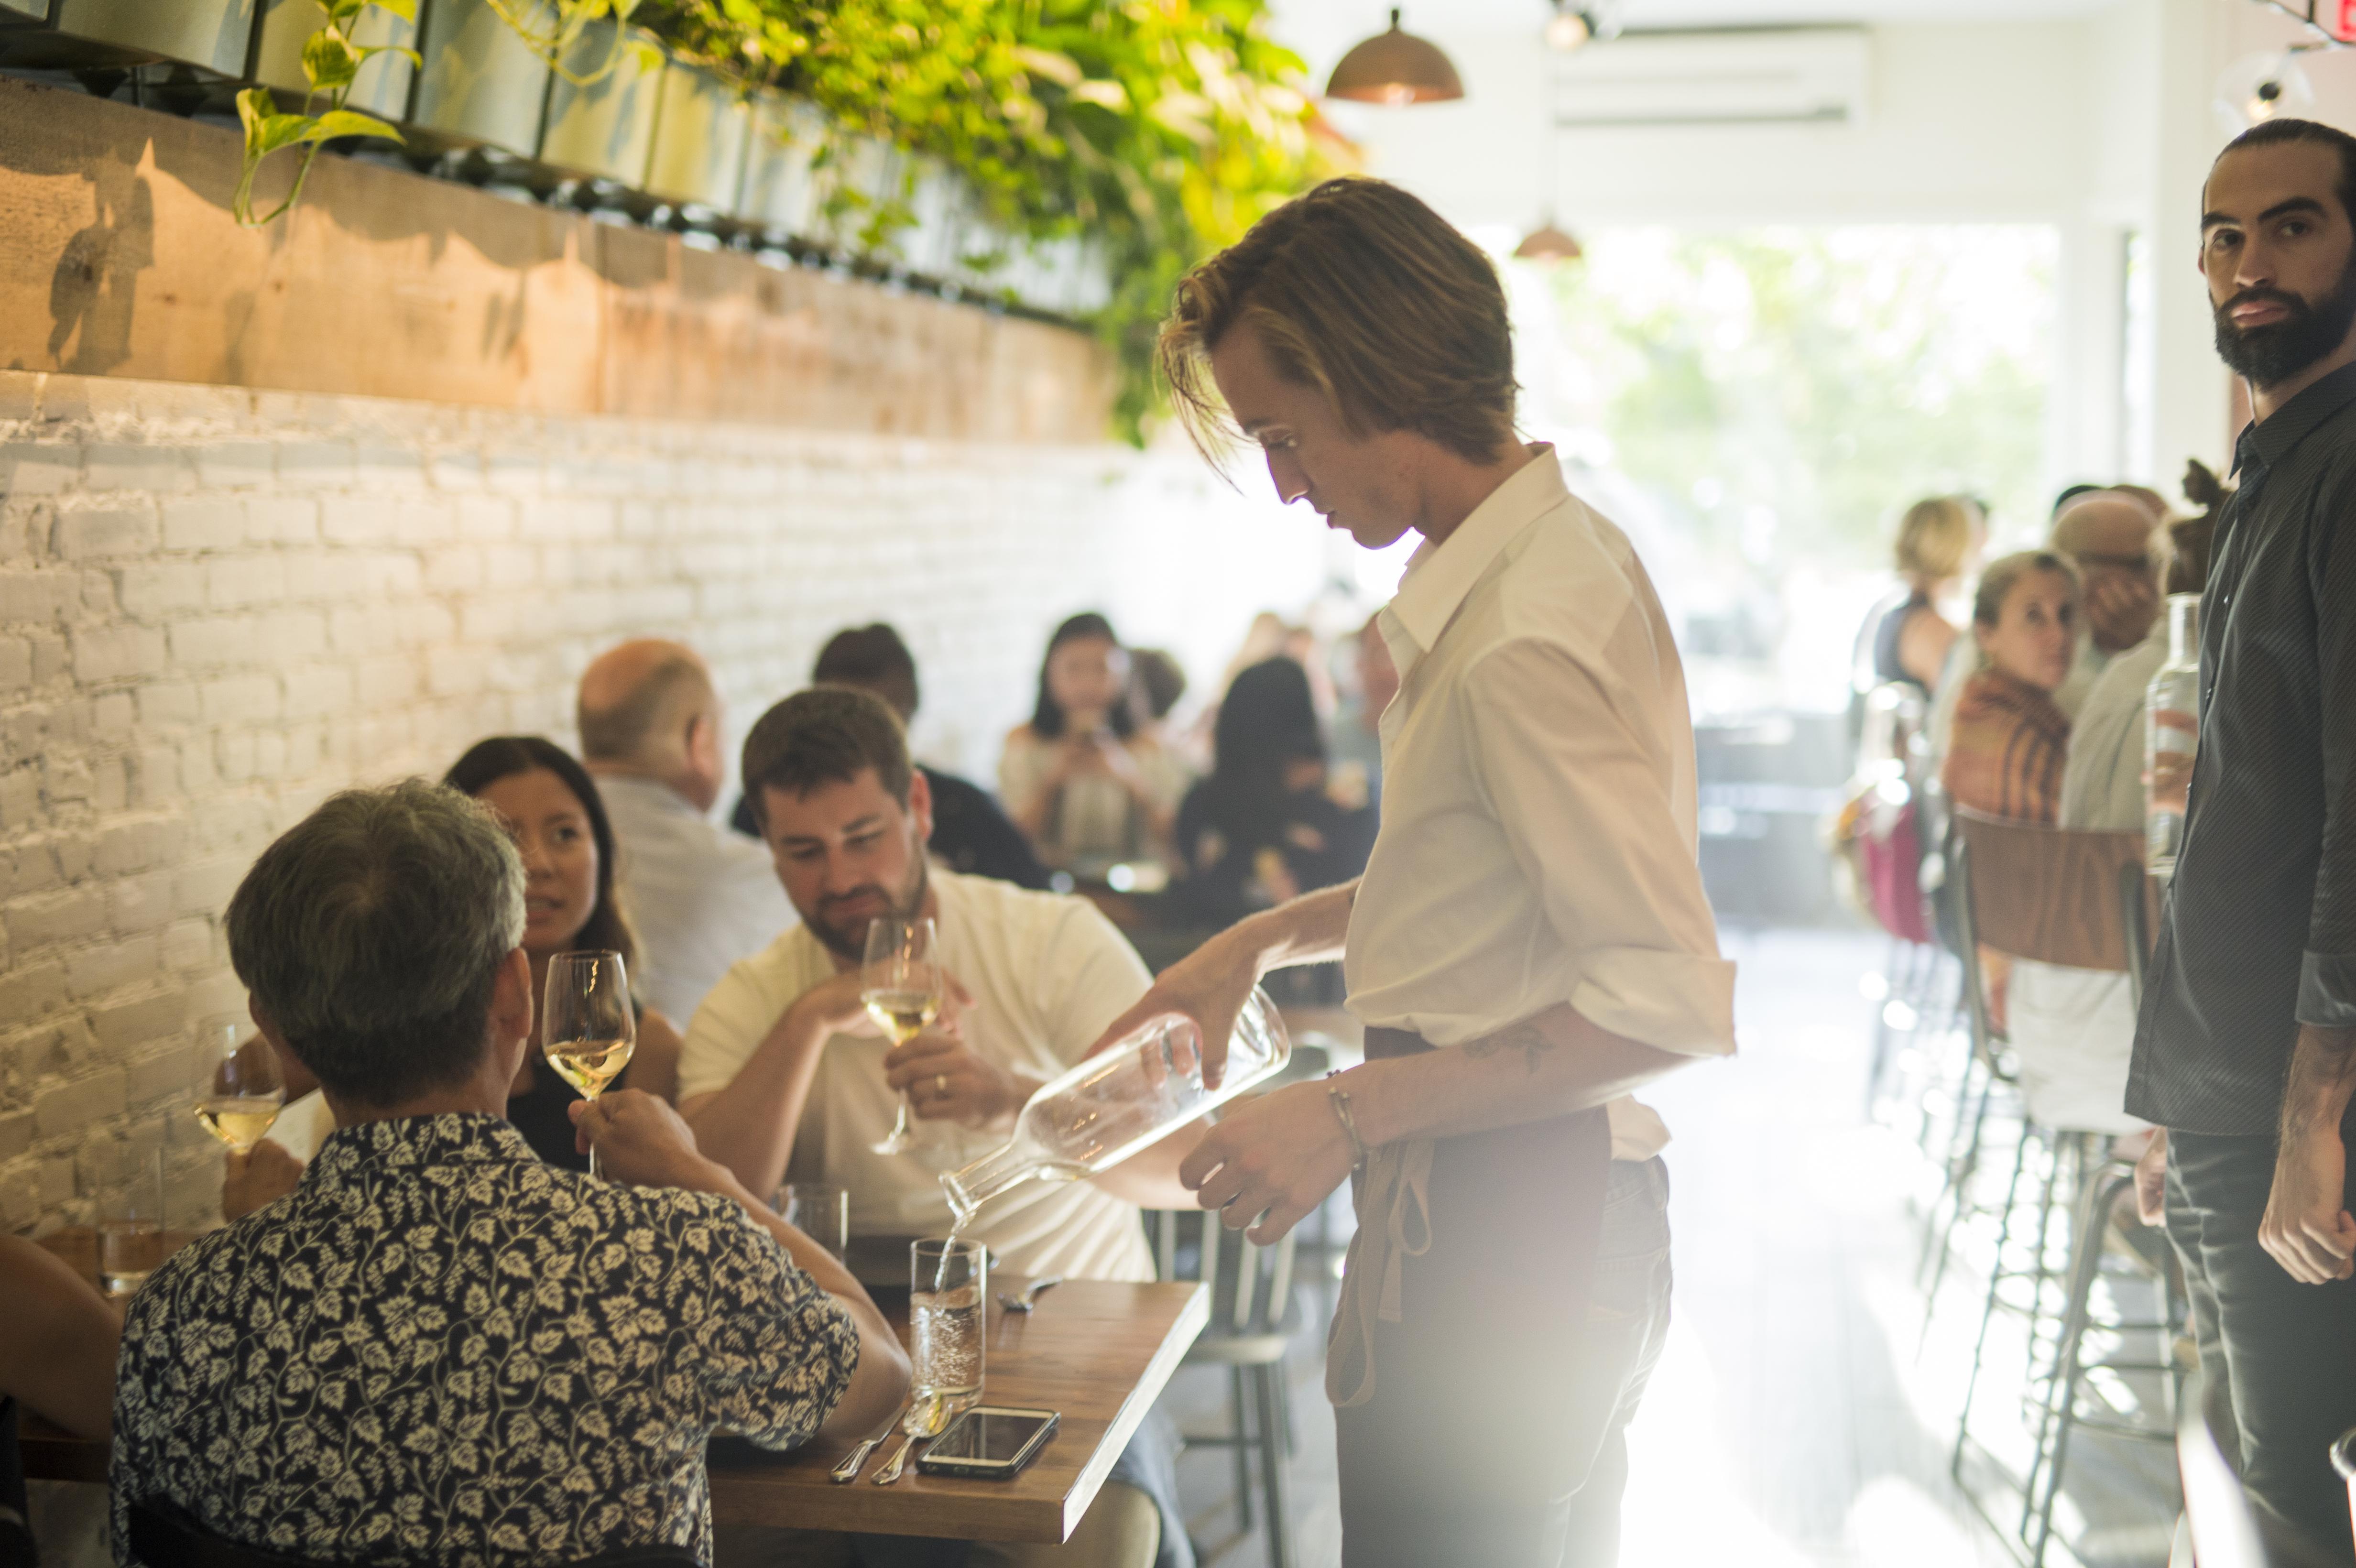 NYC's Best New Restaurants of 2016